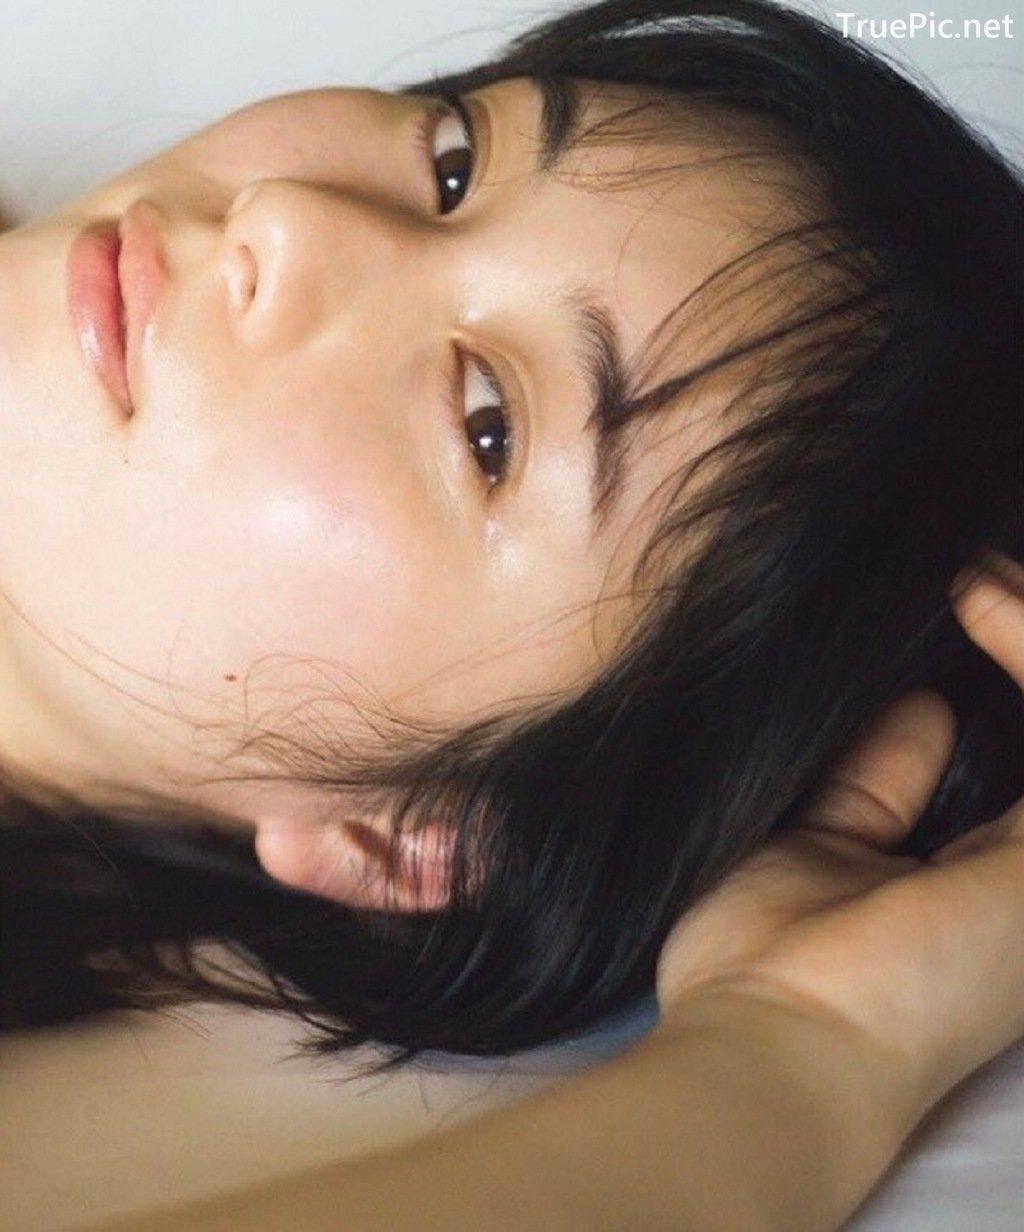 Image Japanese Actress - Okubo Sakurako - [Digital-PB] My Baby Island - TruePic.net - Picture-10